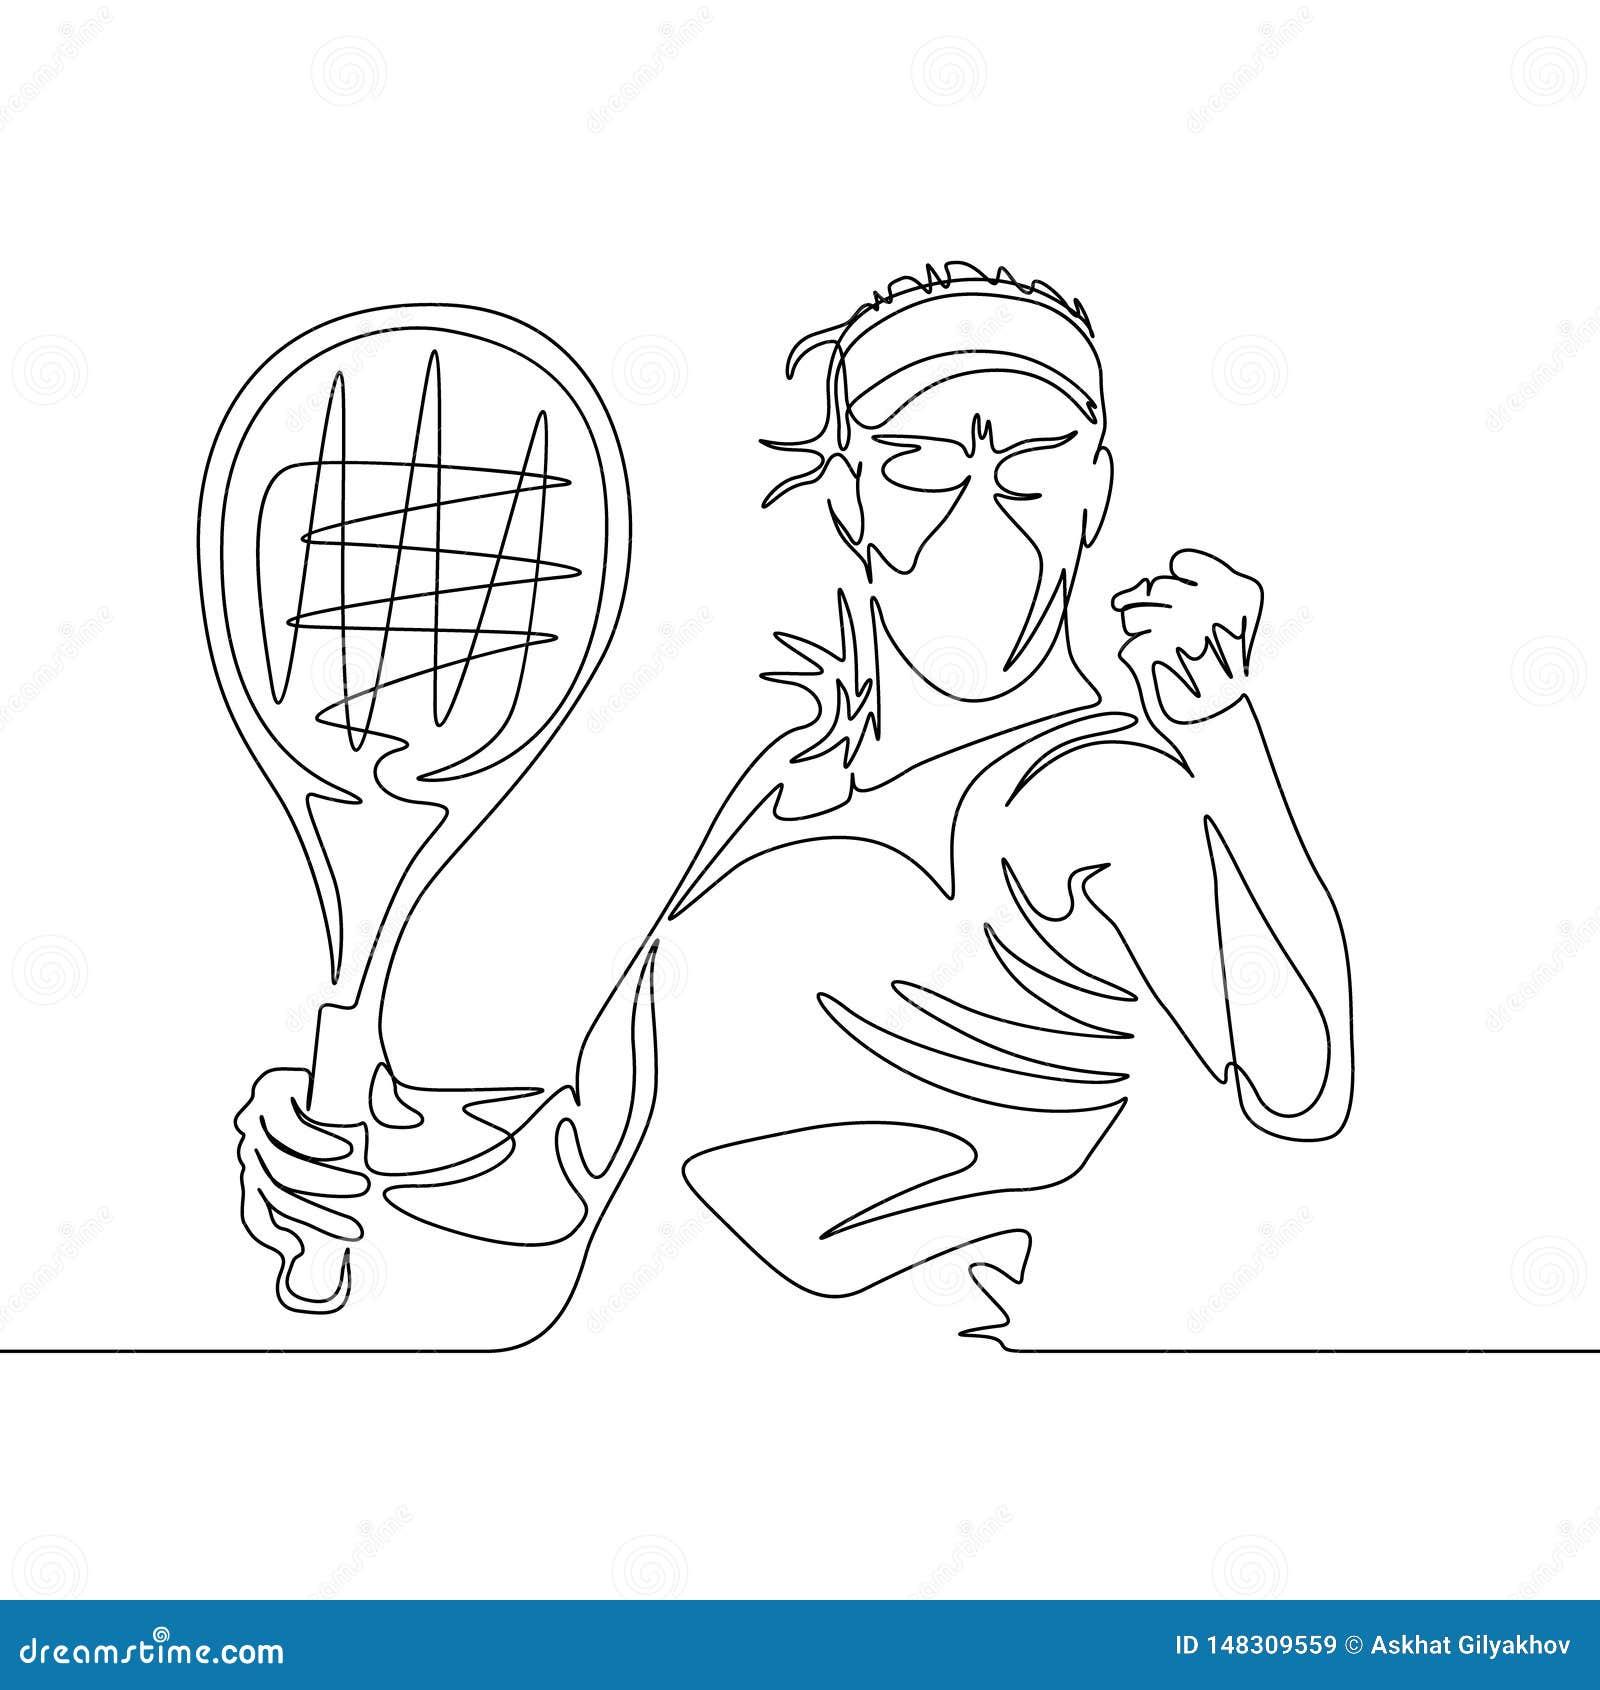 Ciągły jeden kreskowego rysunku kobiety gracz w tenisa zaciska jego pięść w wygranej pozycji